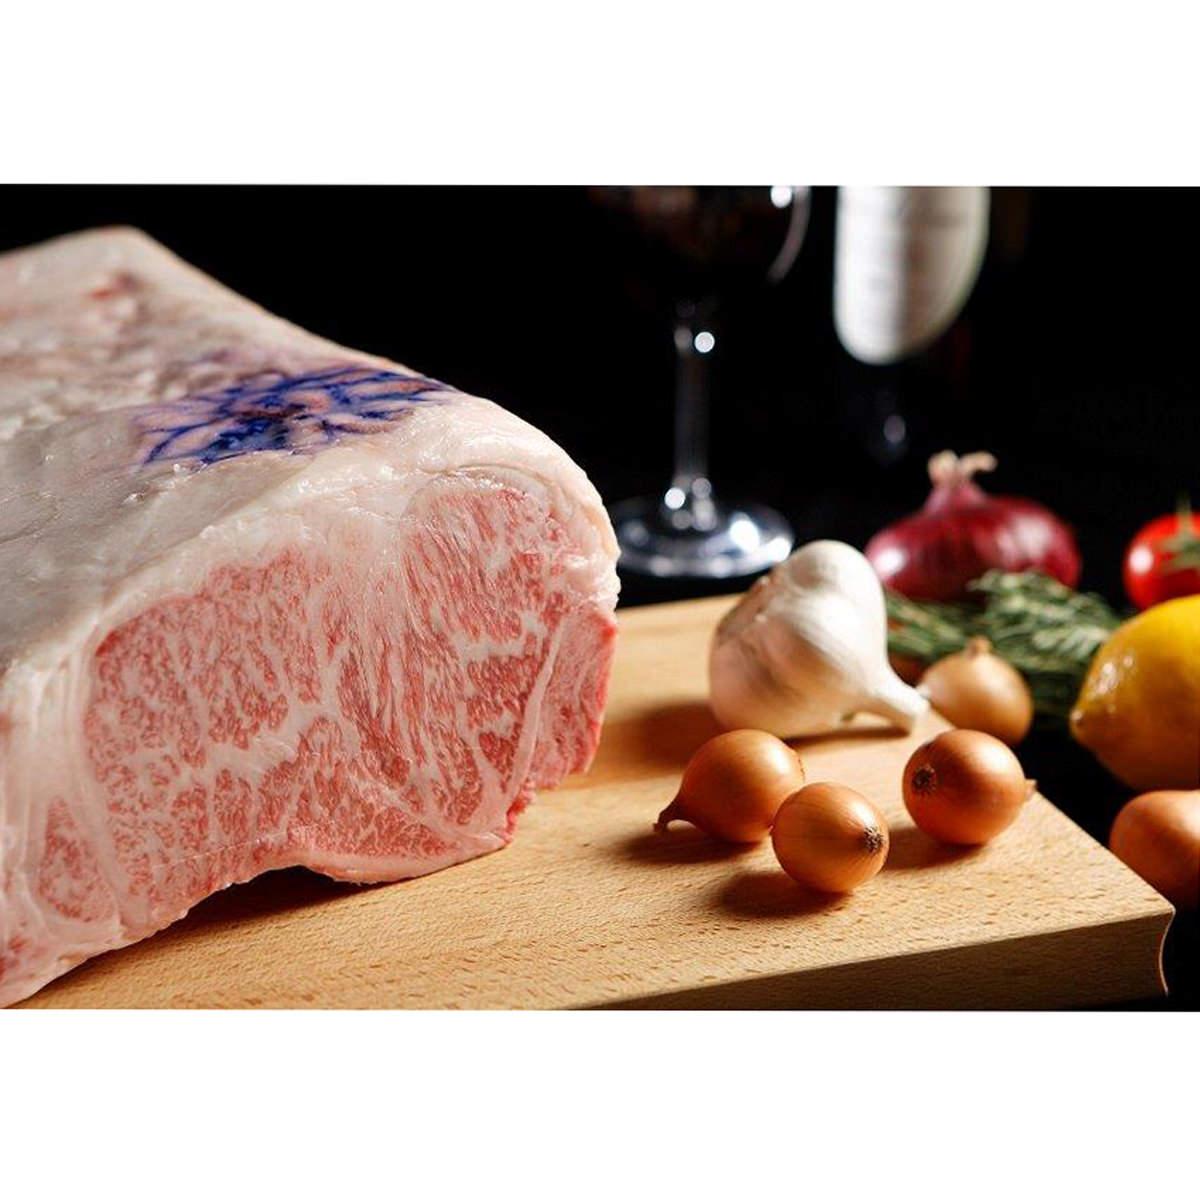 東京帝神 神戸牛100%使用 じっくり煮込んだ 神戸ビーフ牛すじカレー 4食入〔200g×4〕